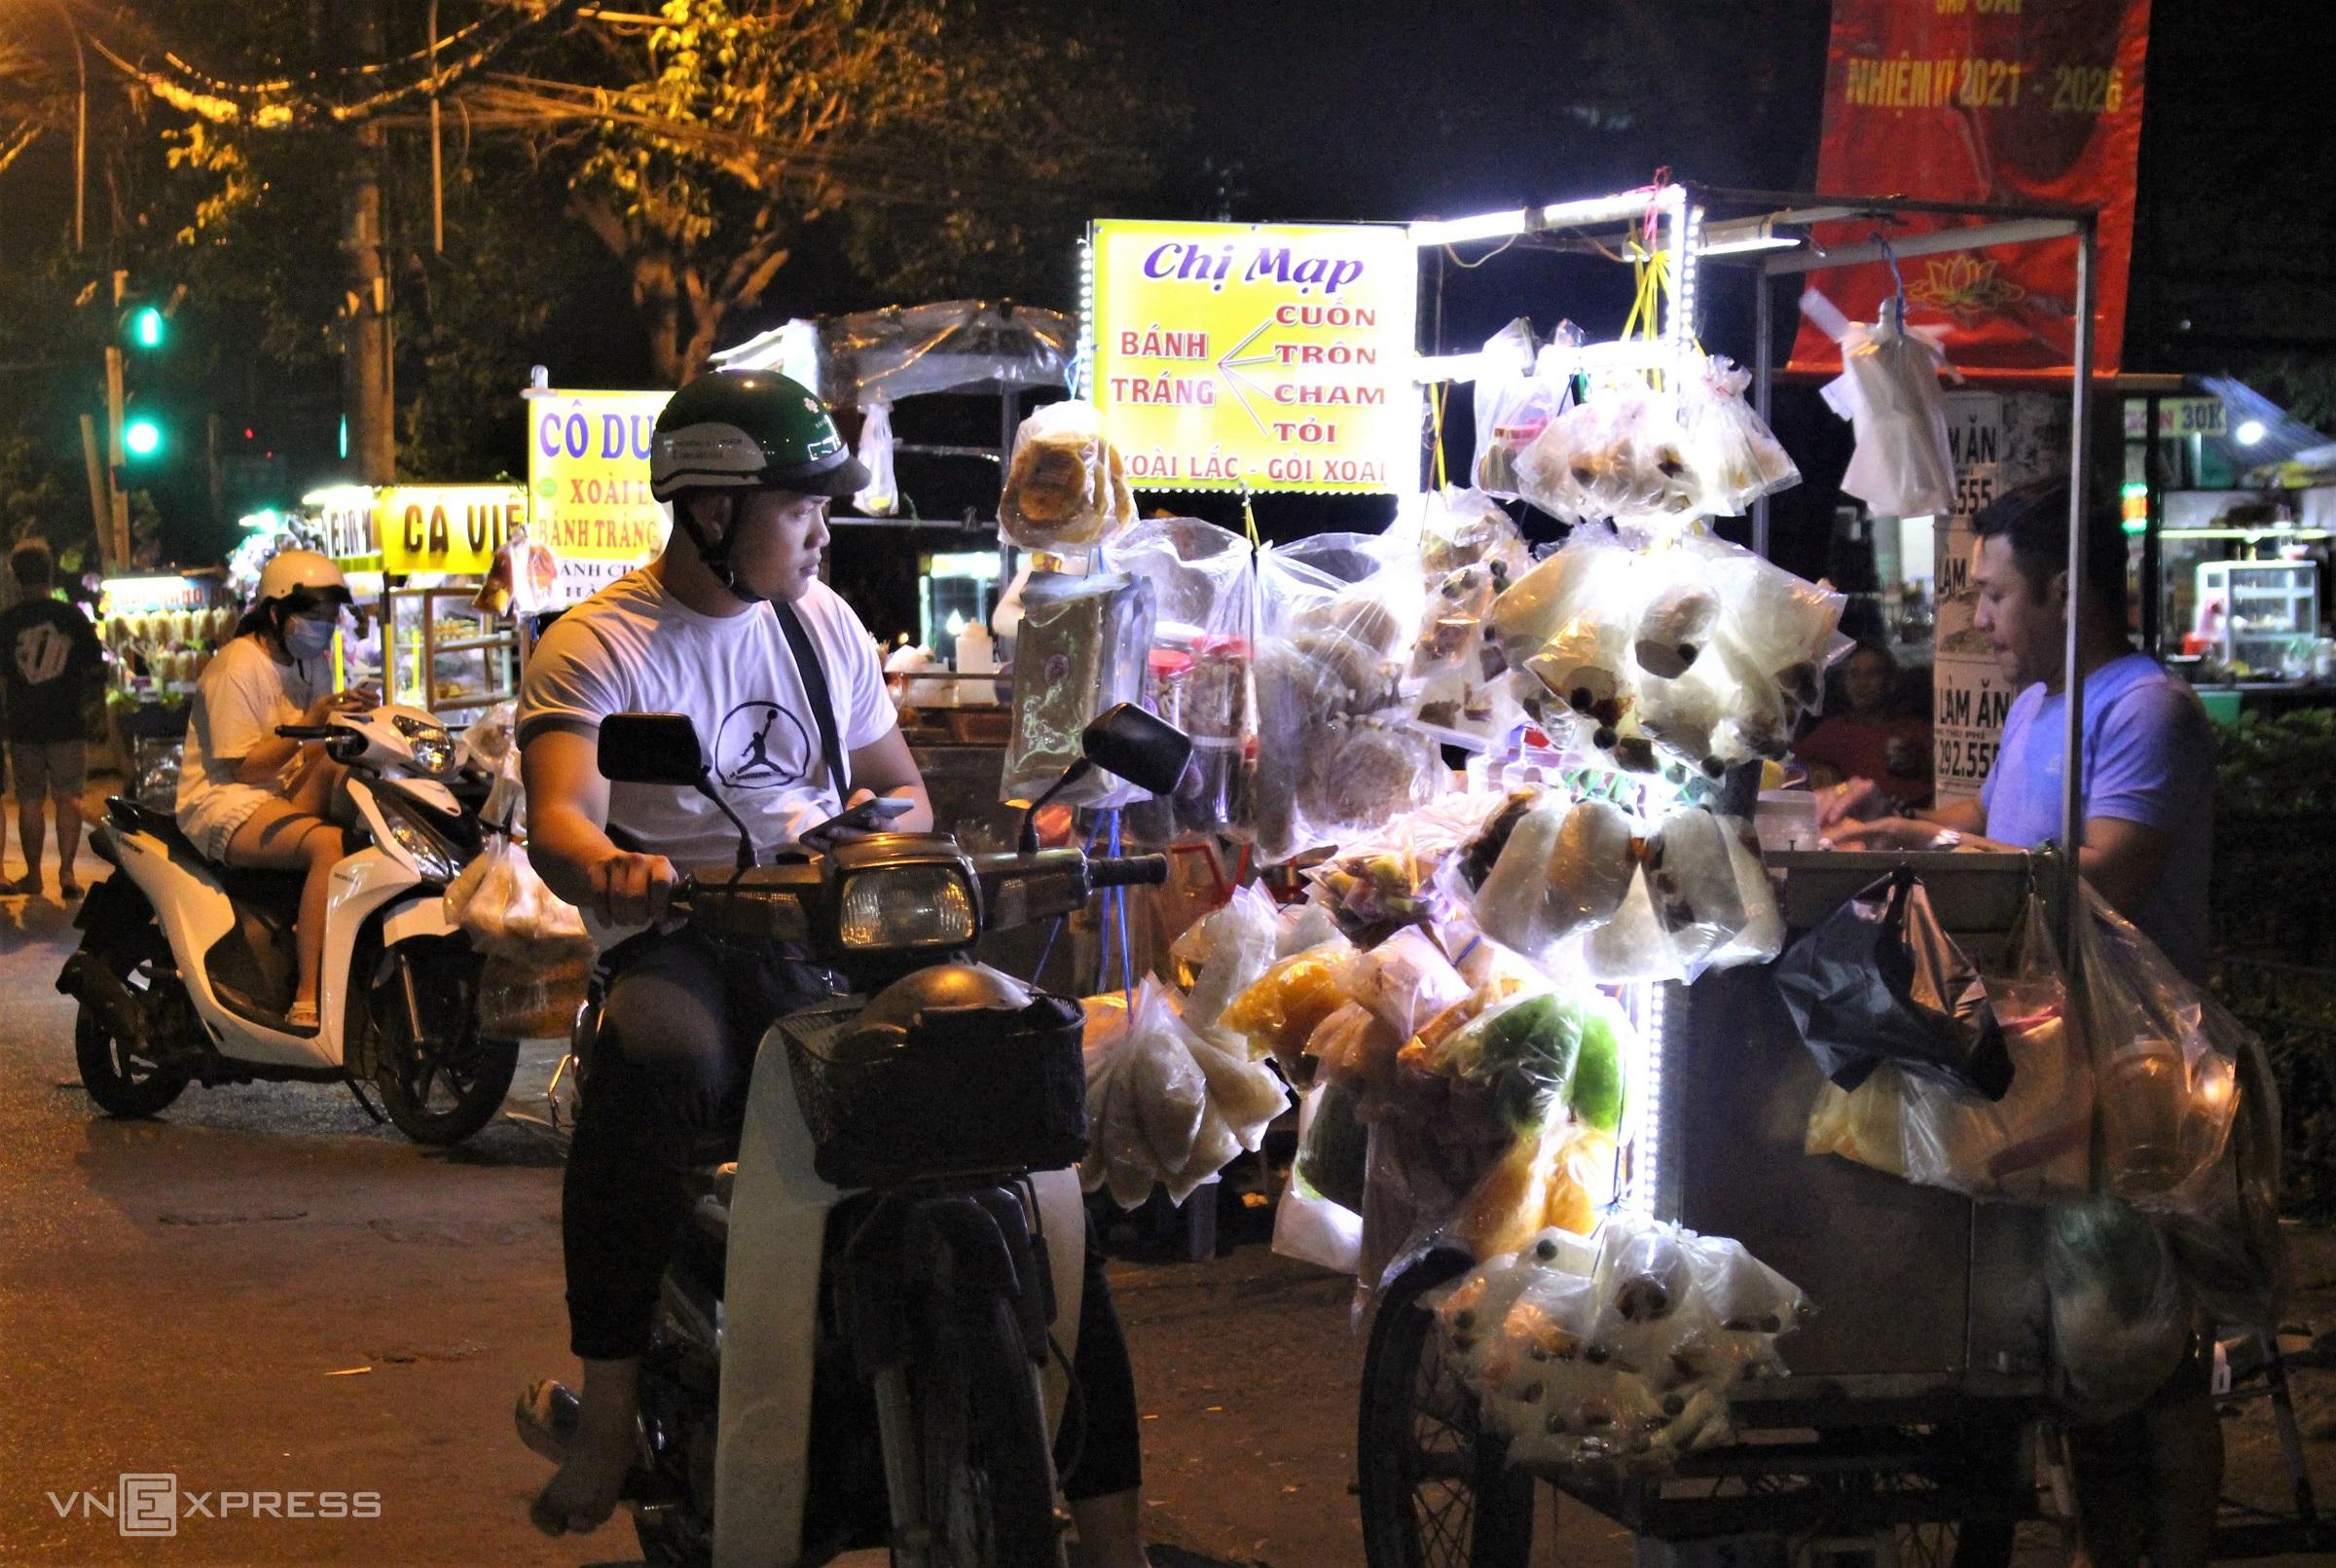 Dọc đường ra cư xá Thanh Đa là các hàng quán bán bánh tráng trộn và thức ăn mang đi. Bánh tráng trộn ở các tiệm đa dạng cách chế biến từ trộn, cuốn, chấm sốt me, sốt sa tế đến cháy tỏi ớt, giá mỗi phần từ 15.000 đồng.